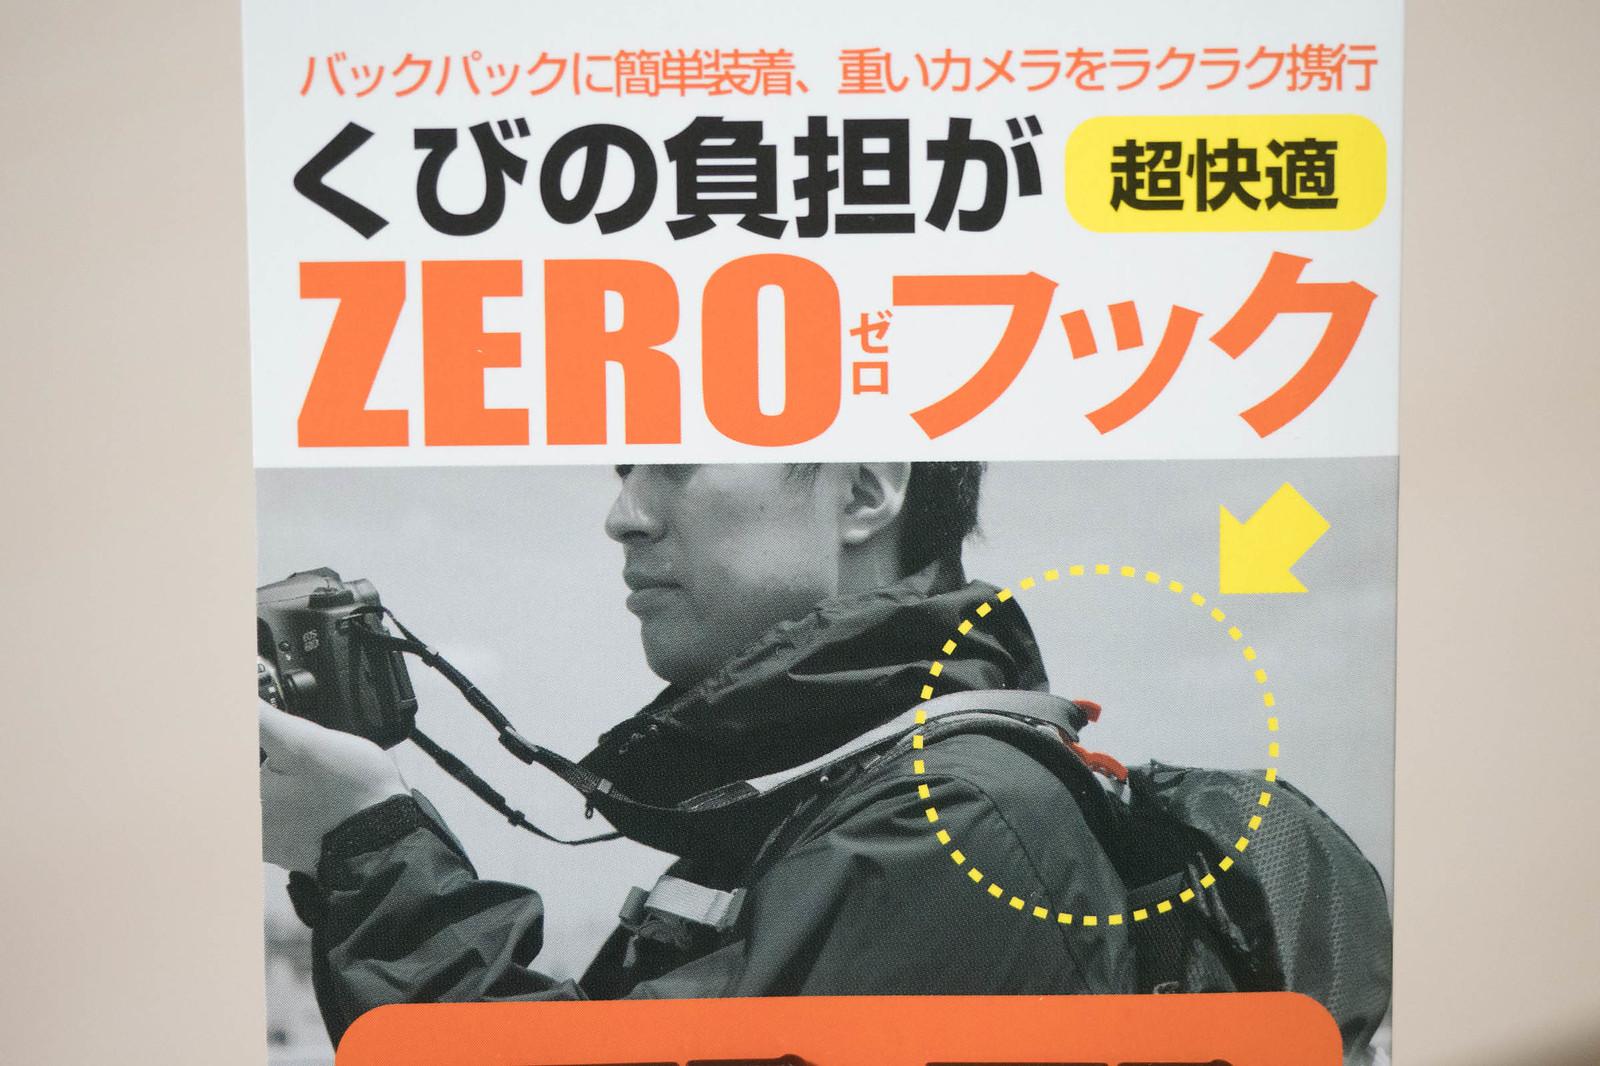 首の負担ゼロフック-4